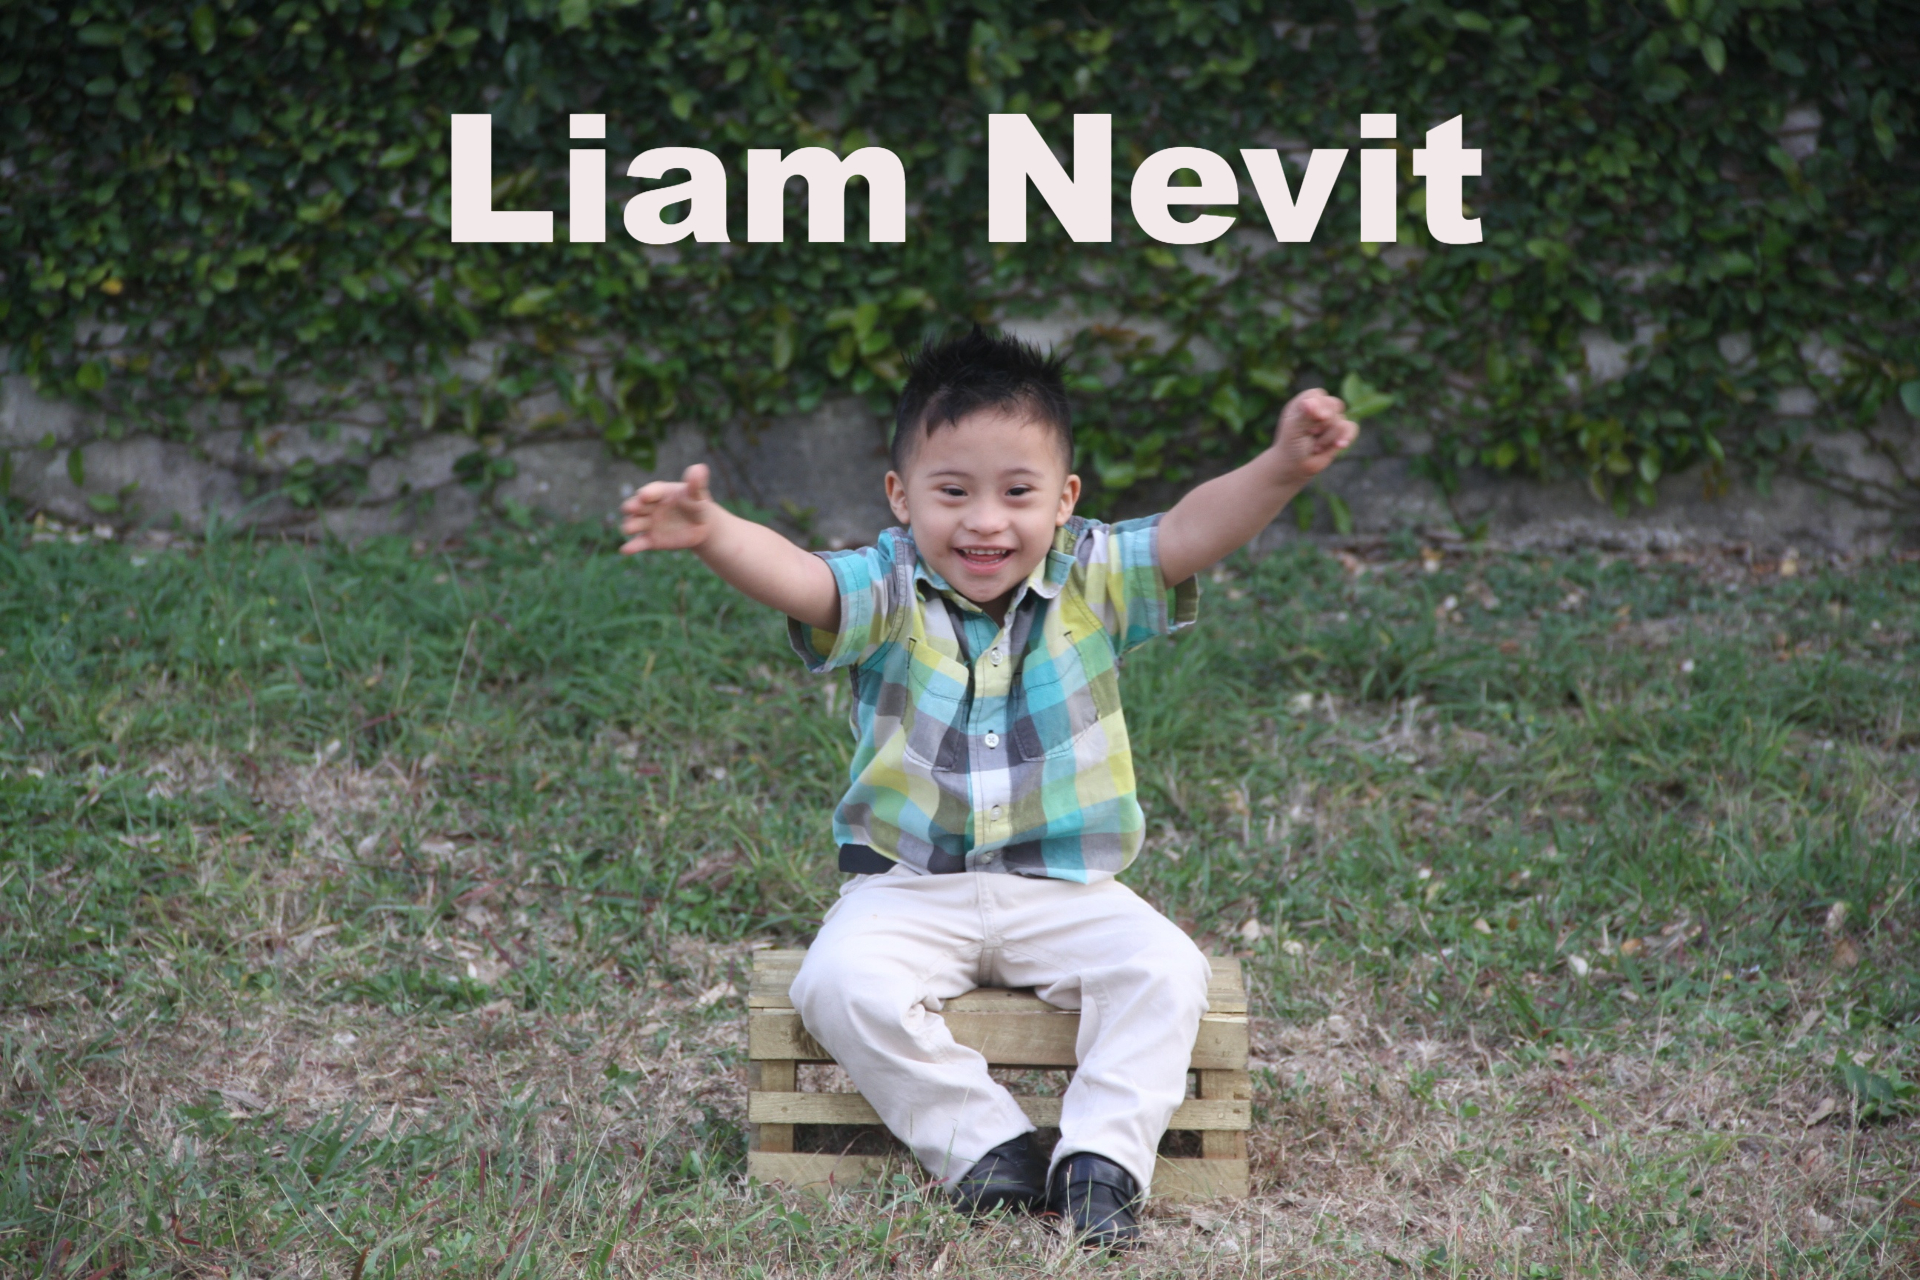 Liam Nevit